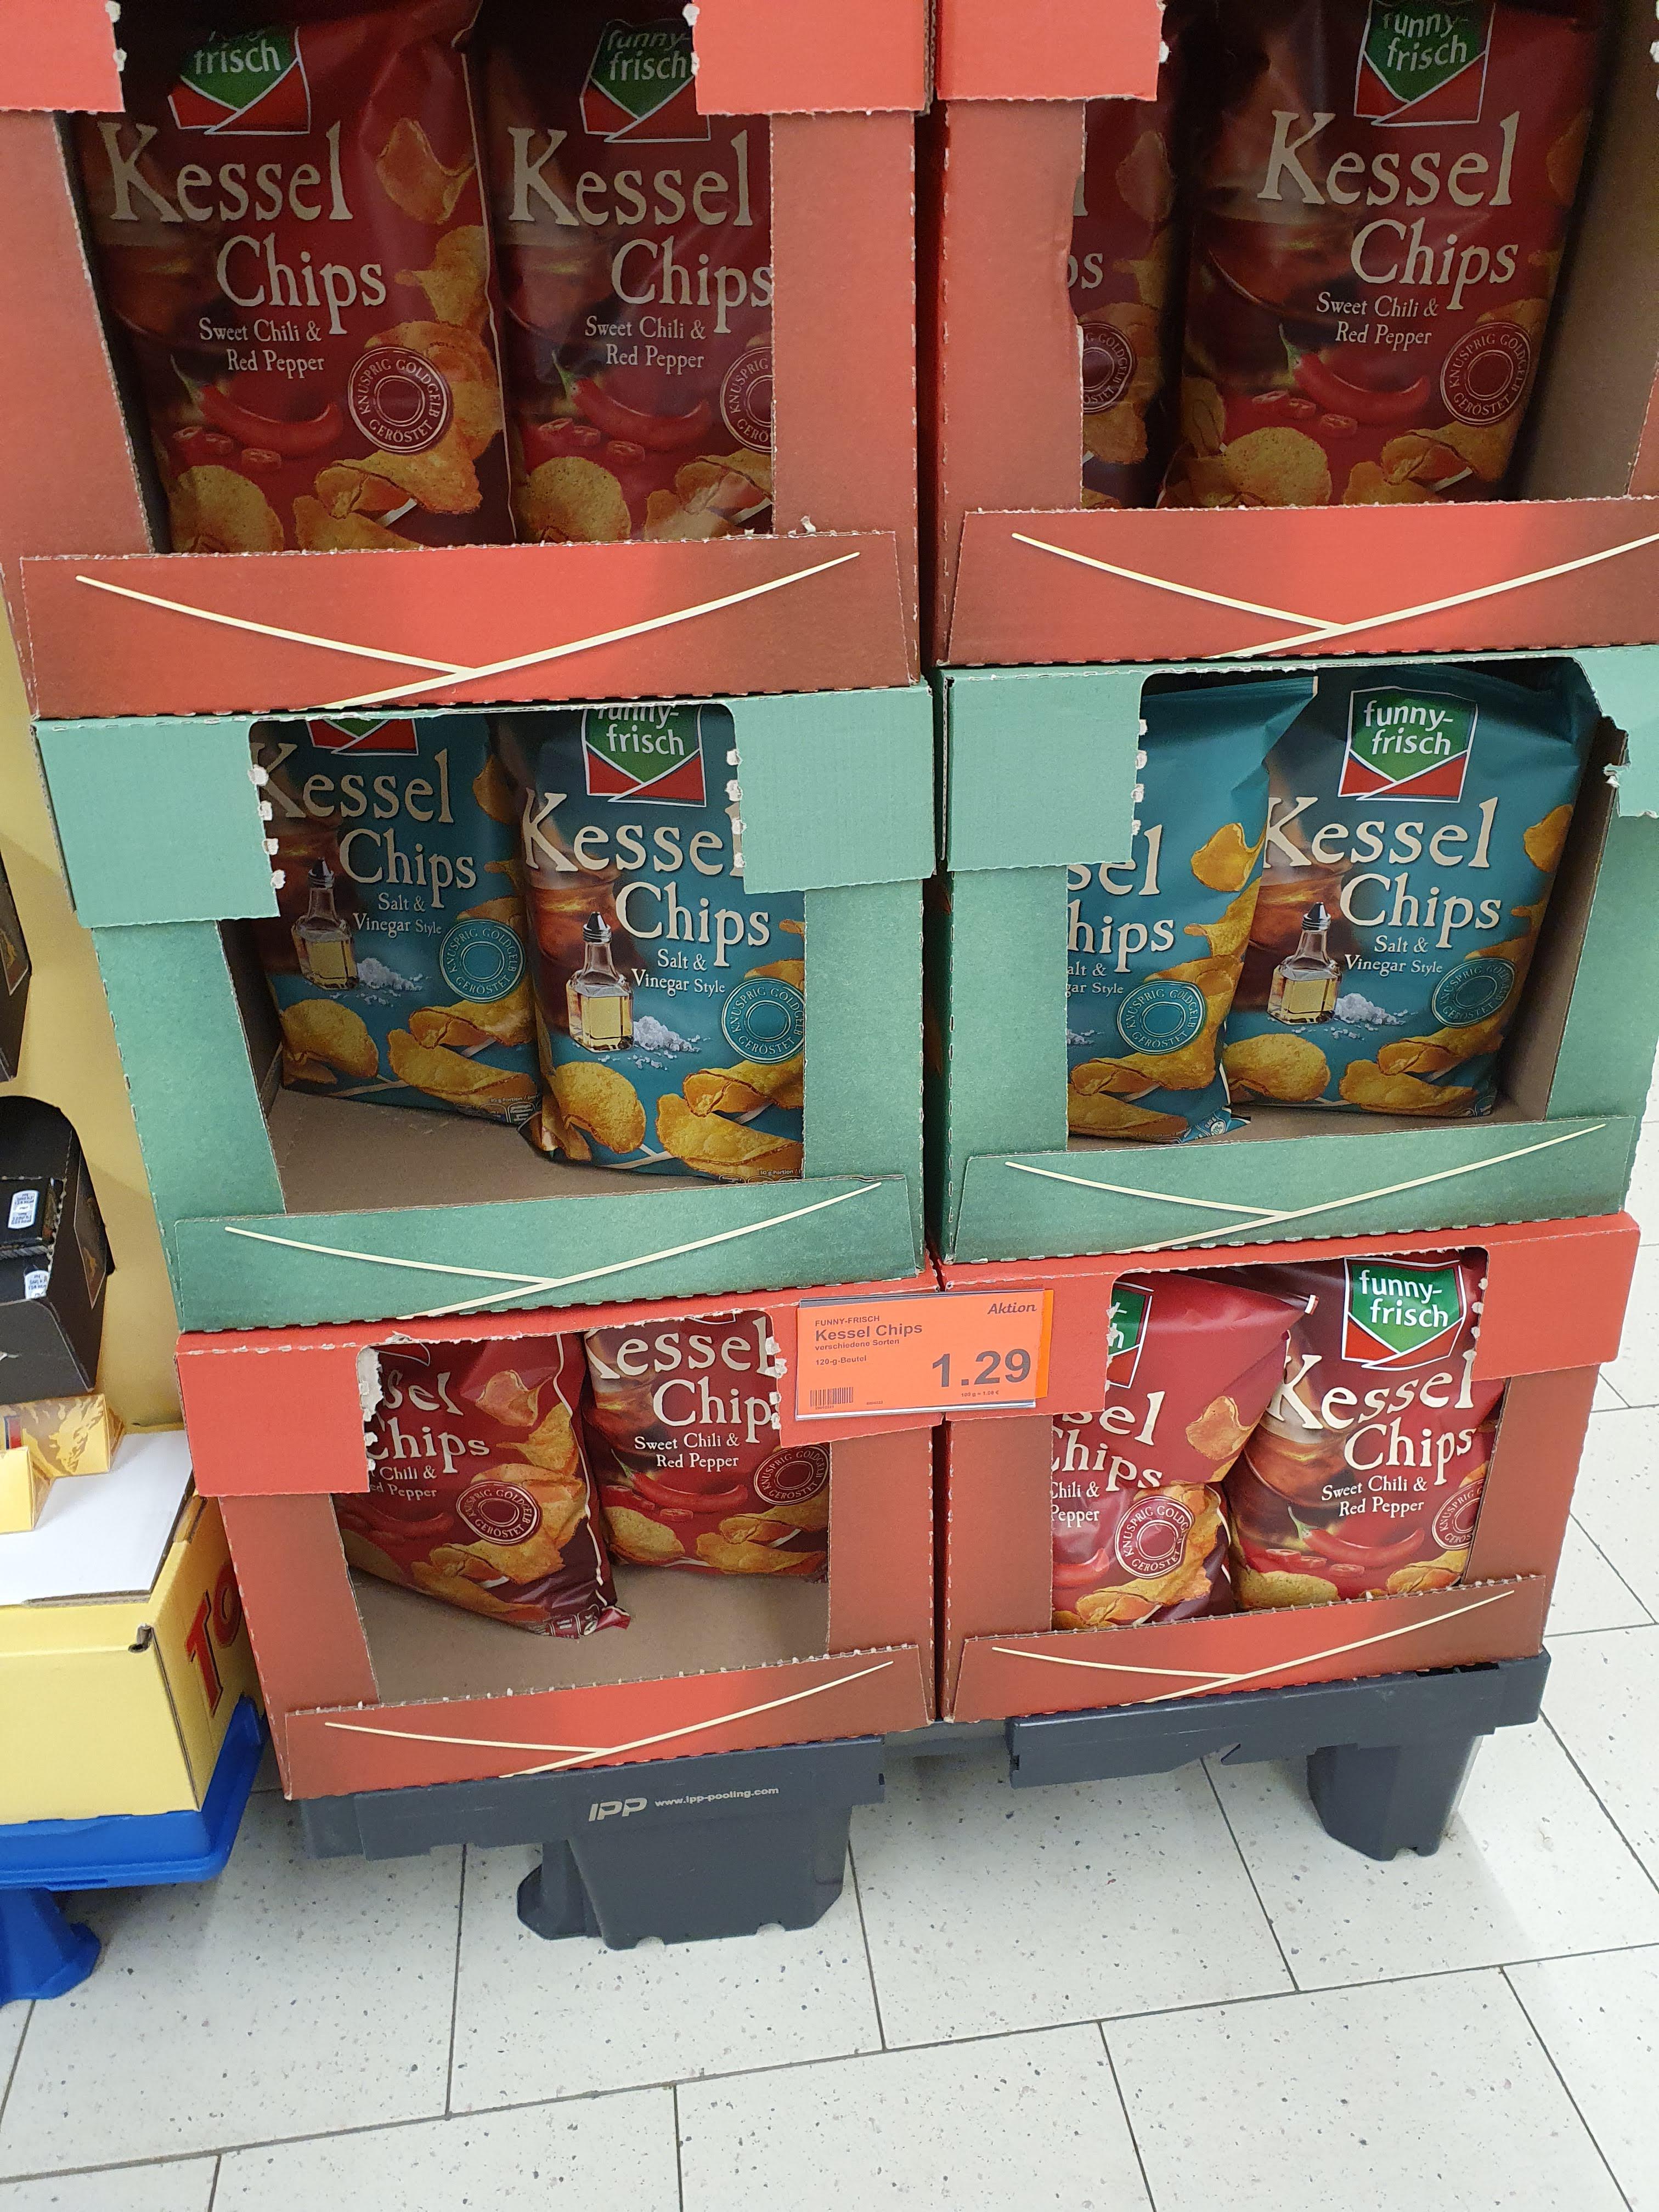 Funny Frisch Kessel Chips für 1,29€ bei Aldi Nord